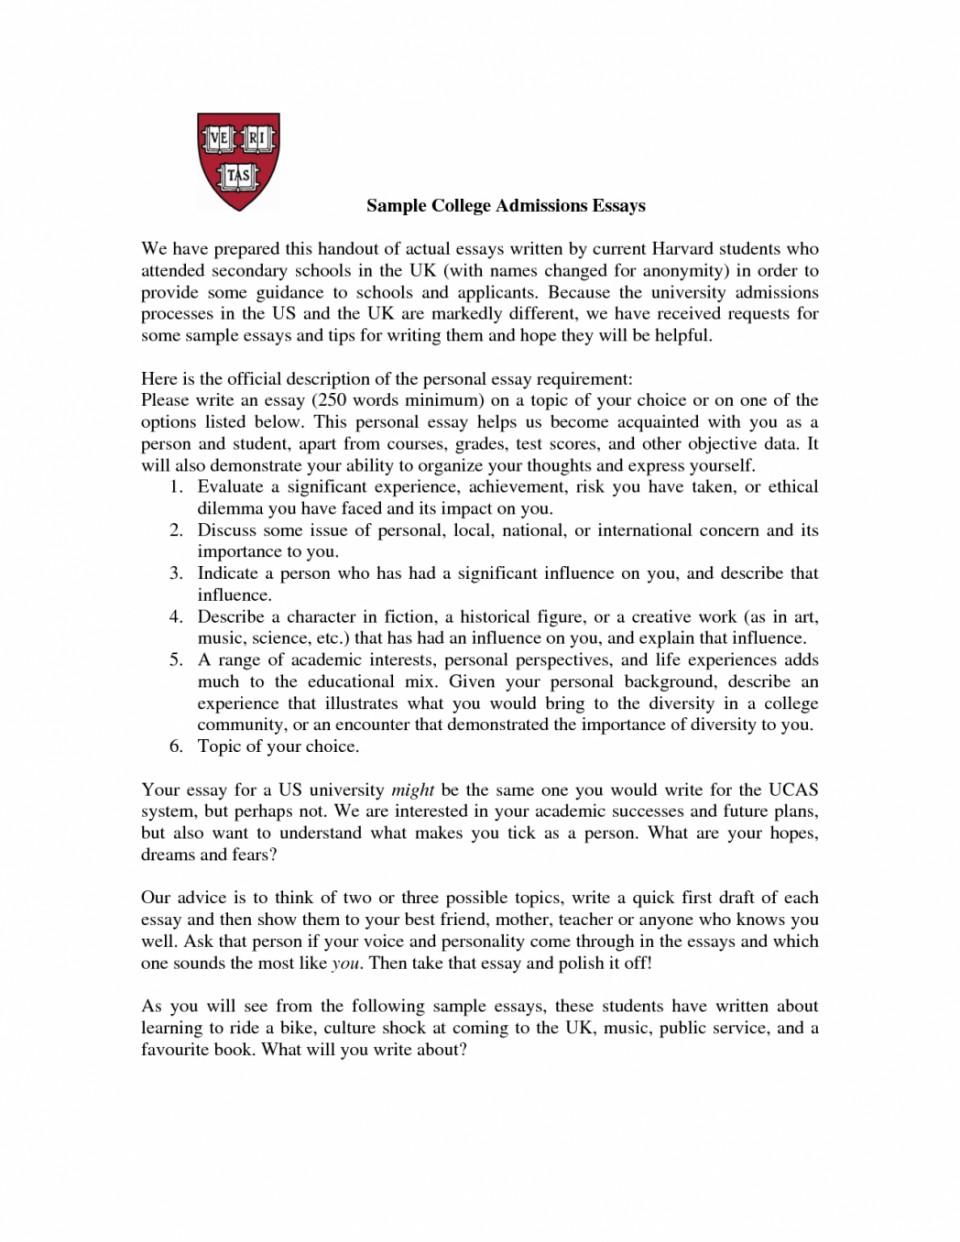 Custom admission essay ucla prompt